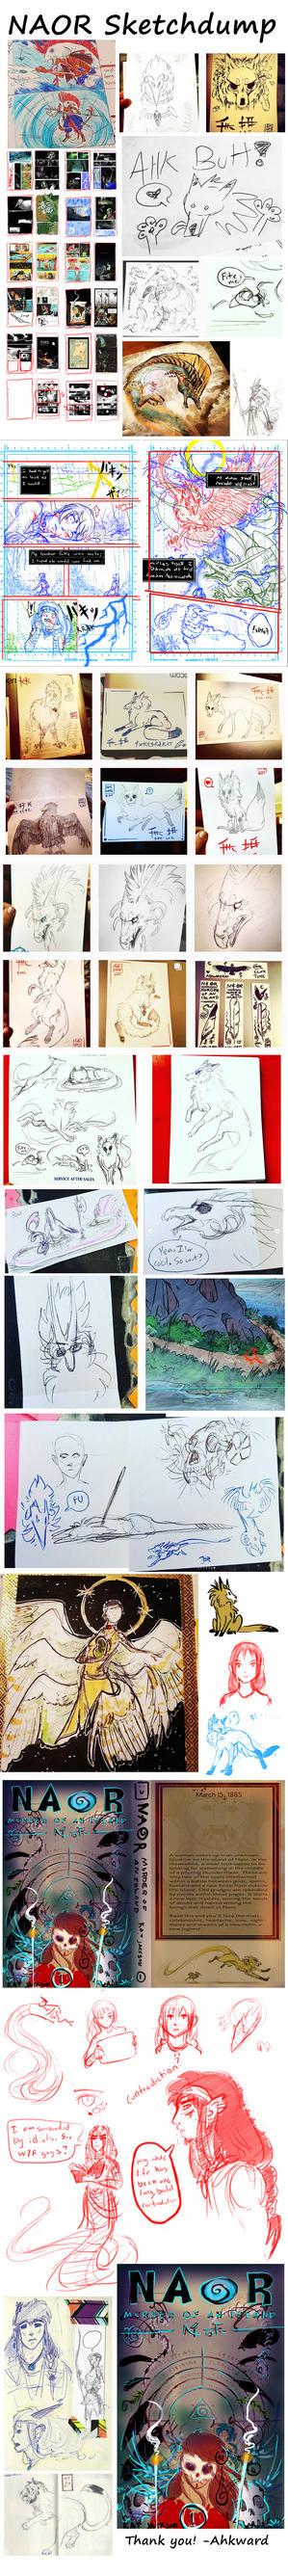 Sketchdump 70 by Ahkward